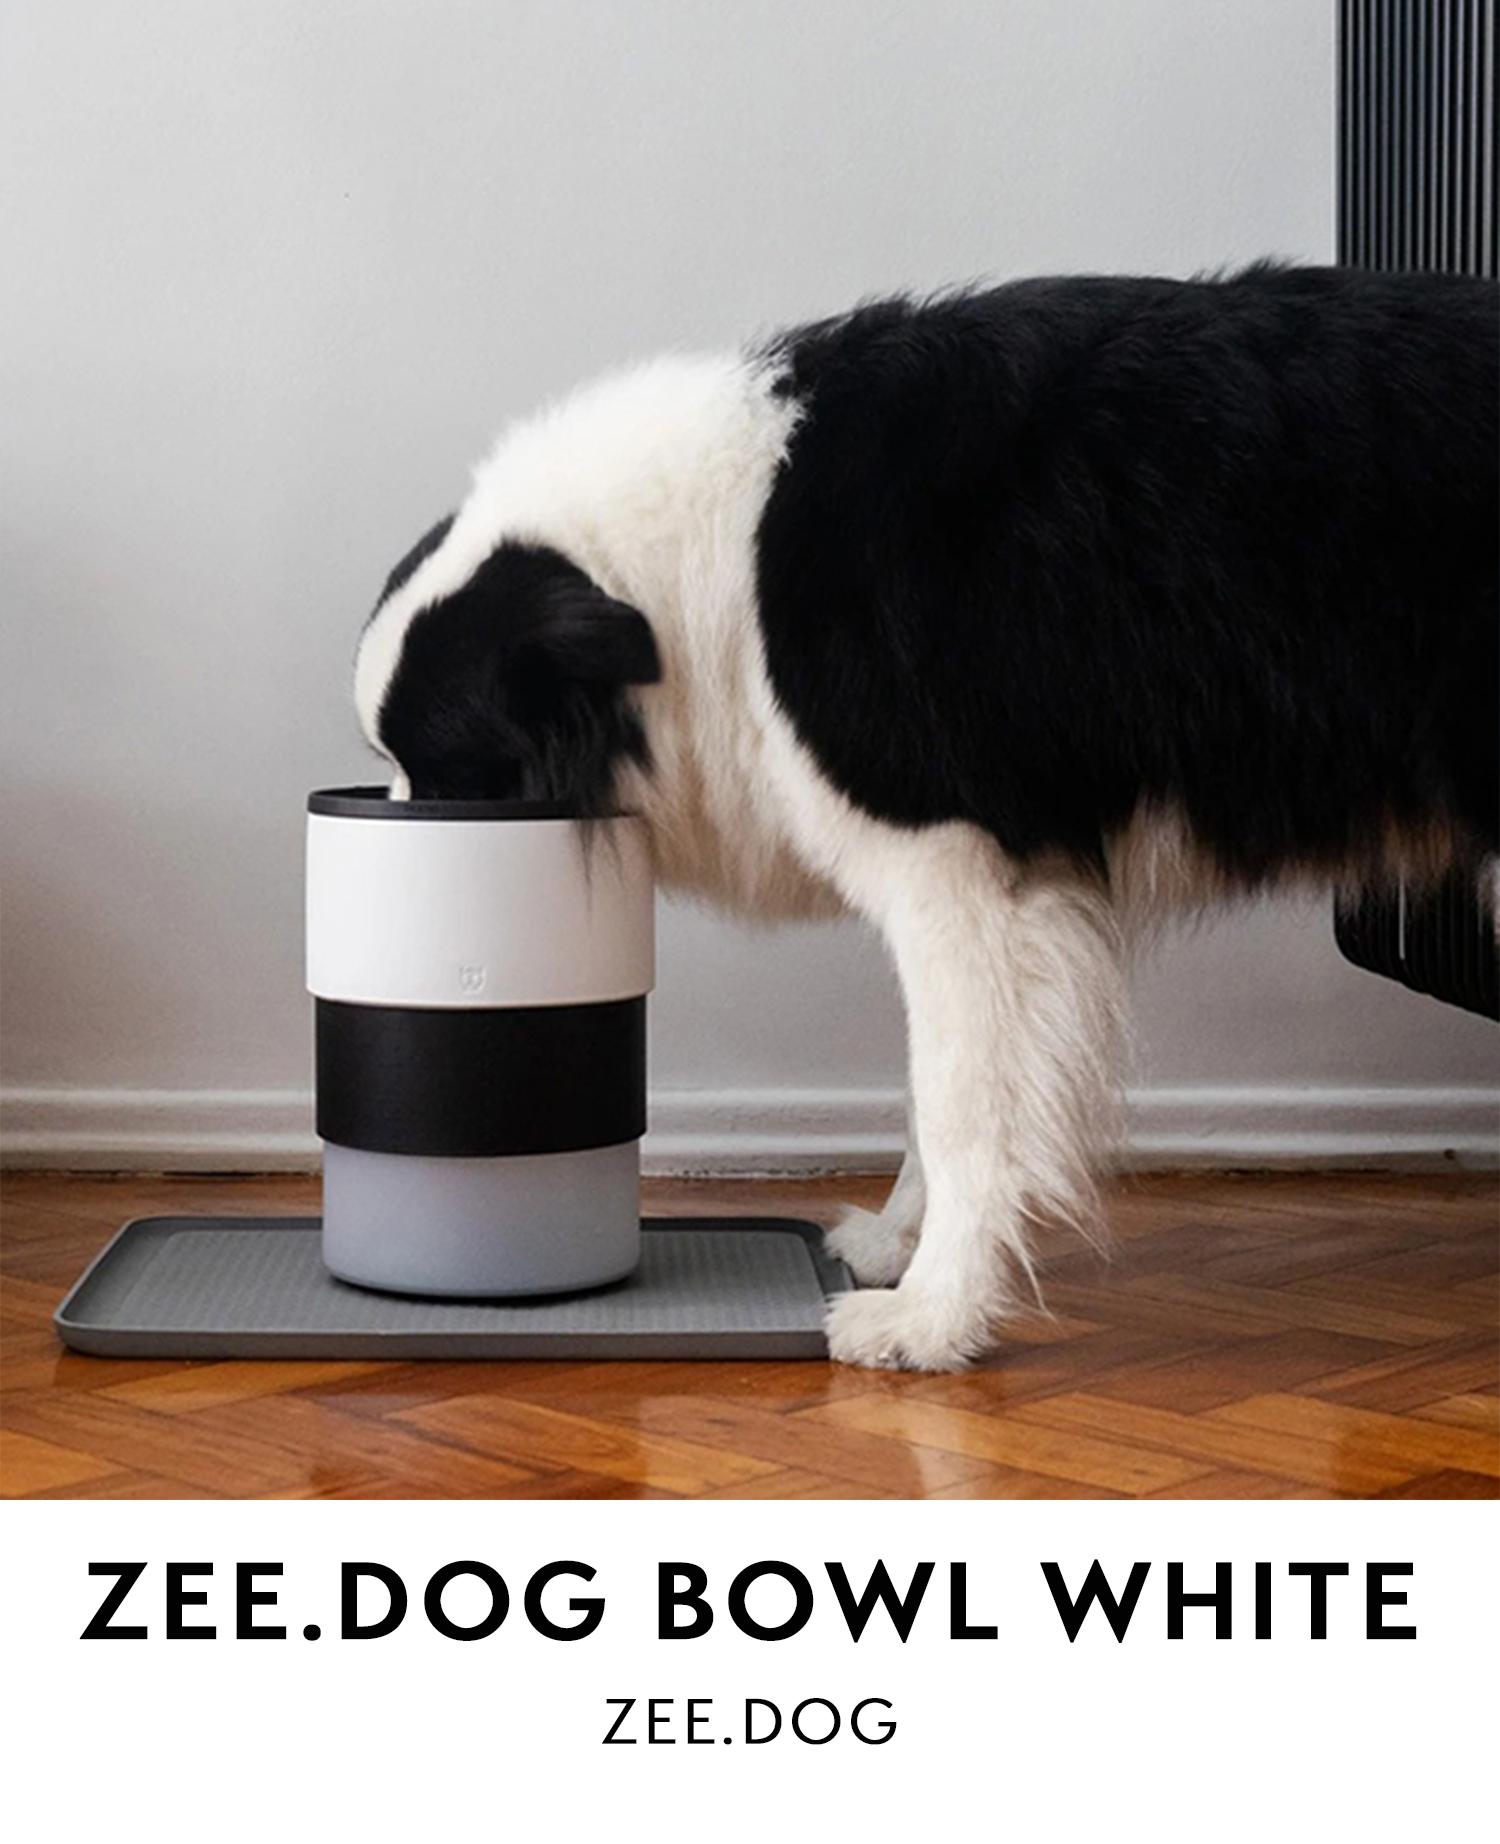 Zee.dog   Dog bowl white